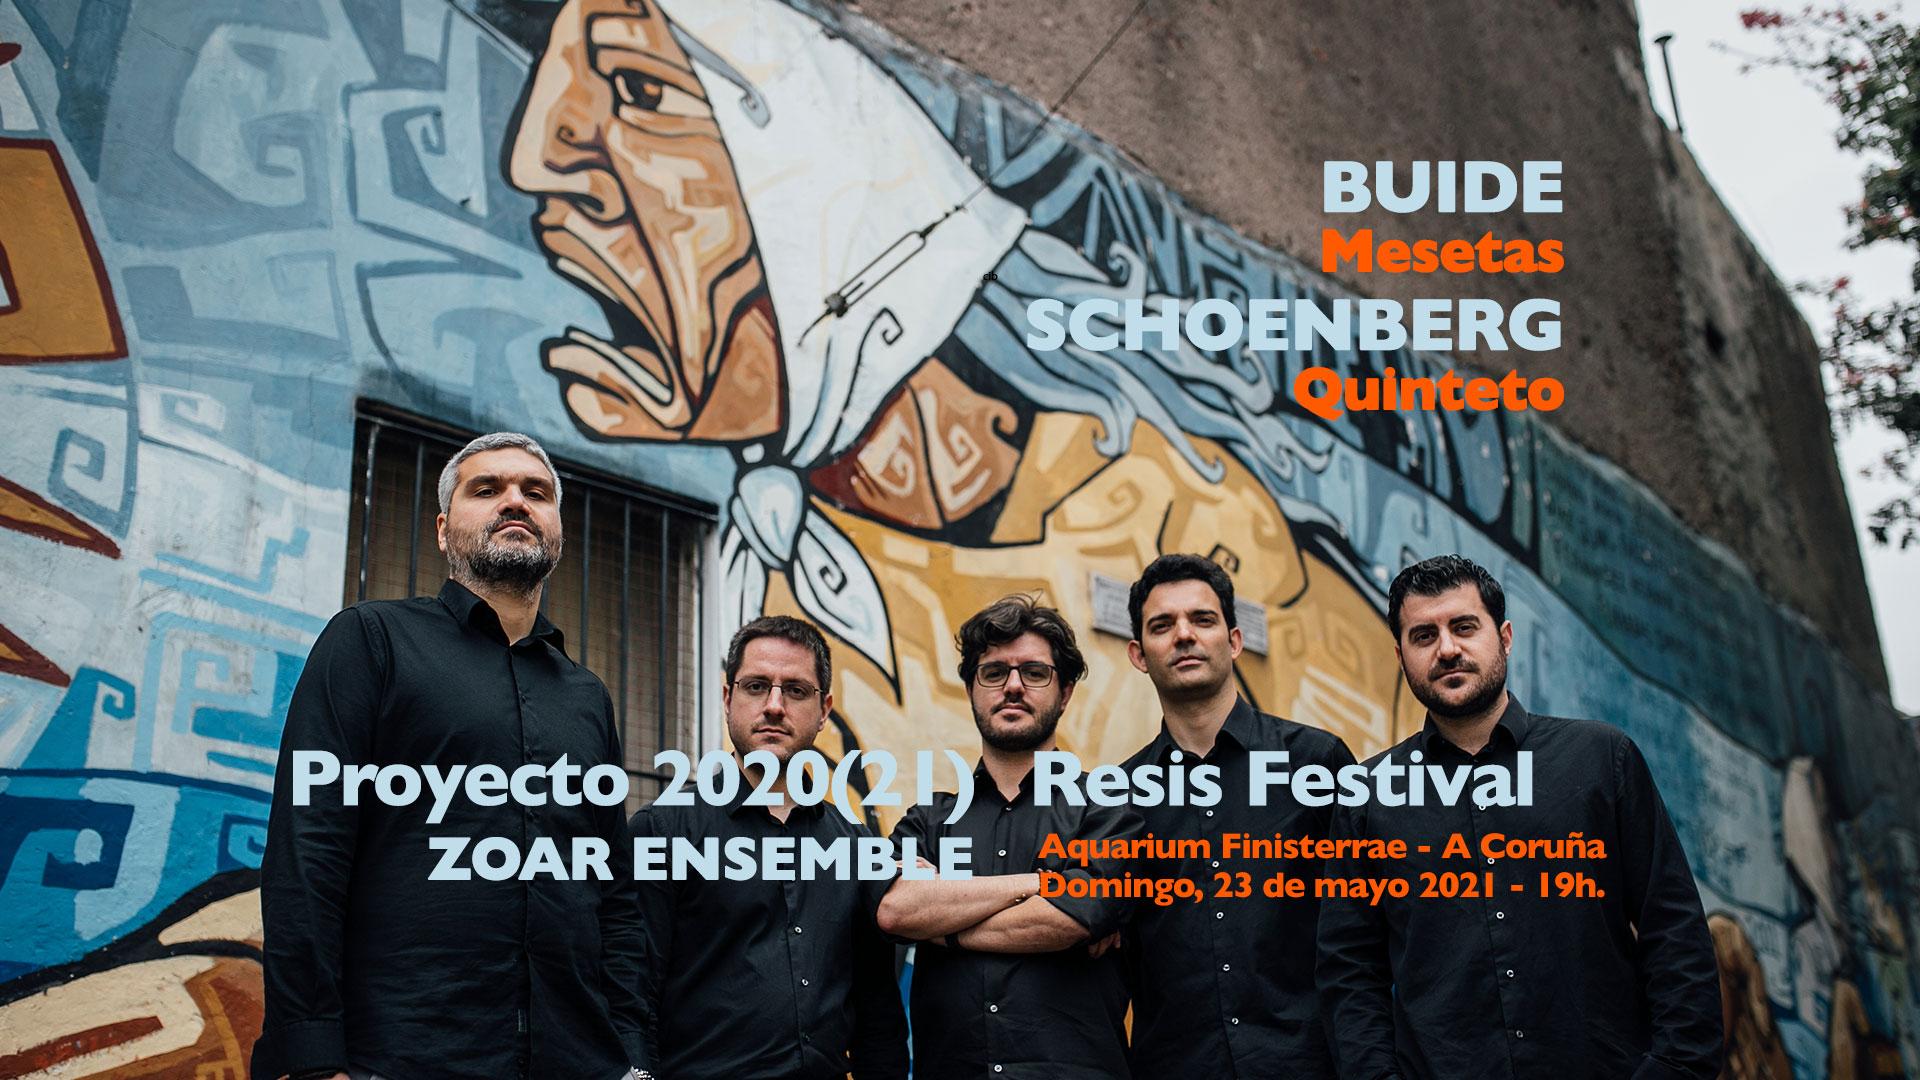 Proyecto 2020(21) Resis Festival - Zoar Ensemble